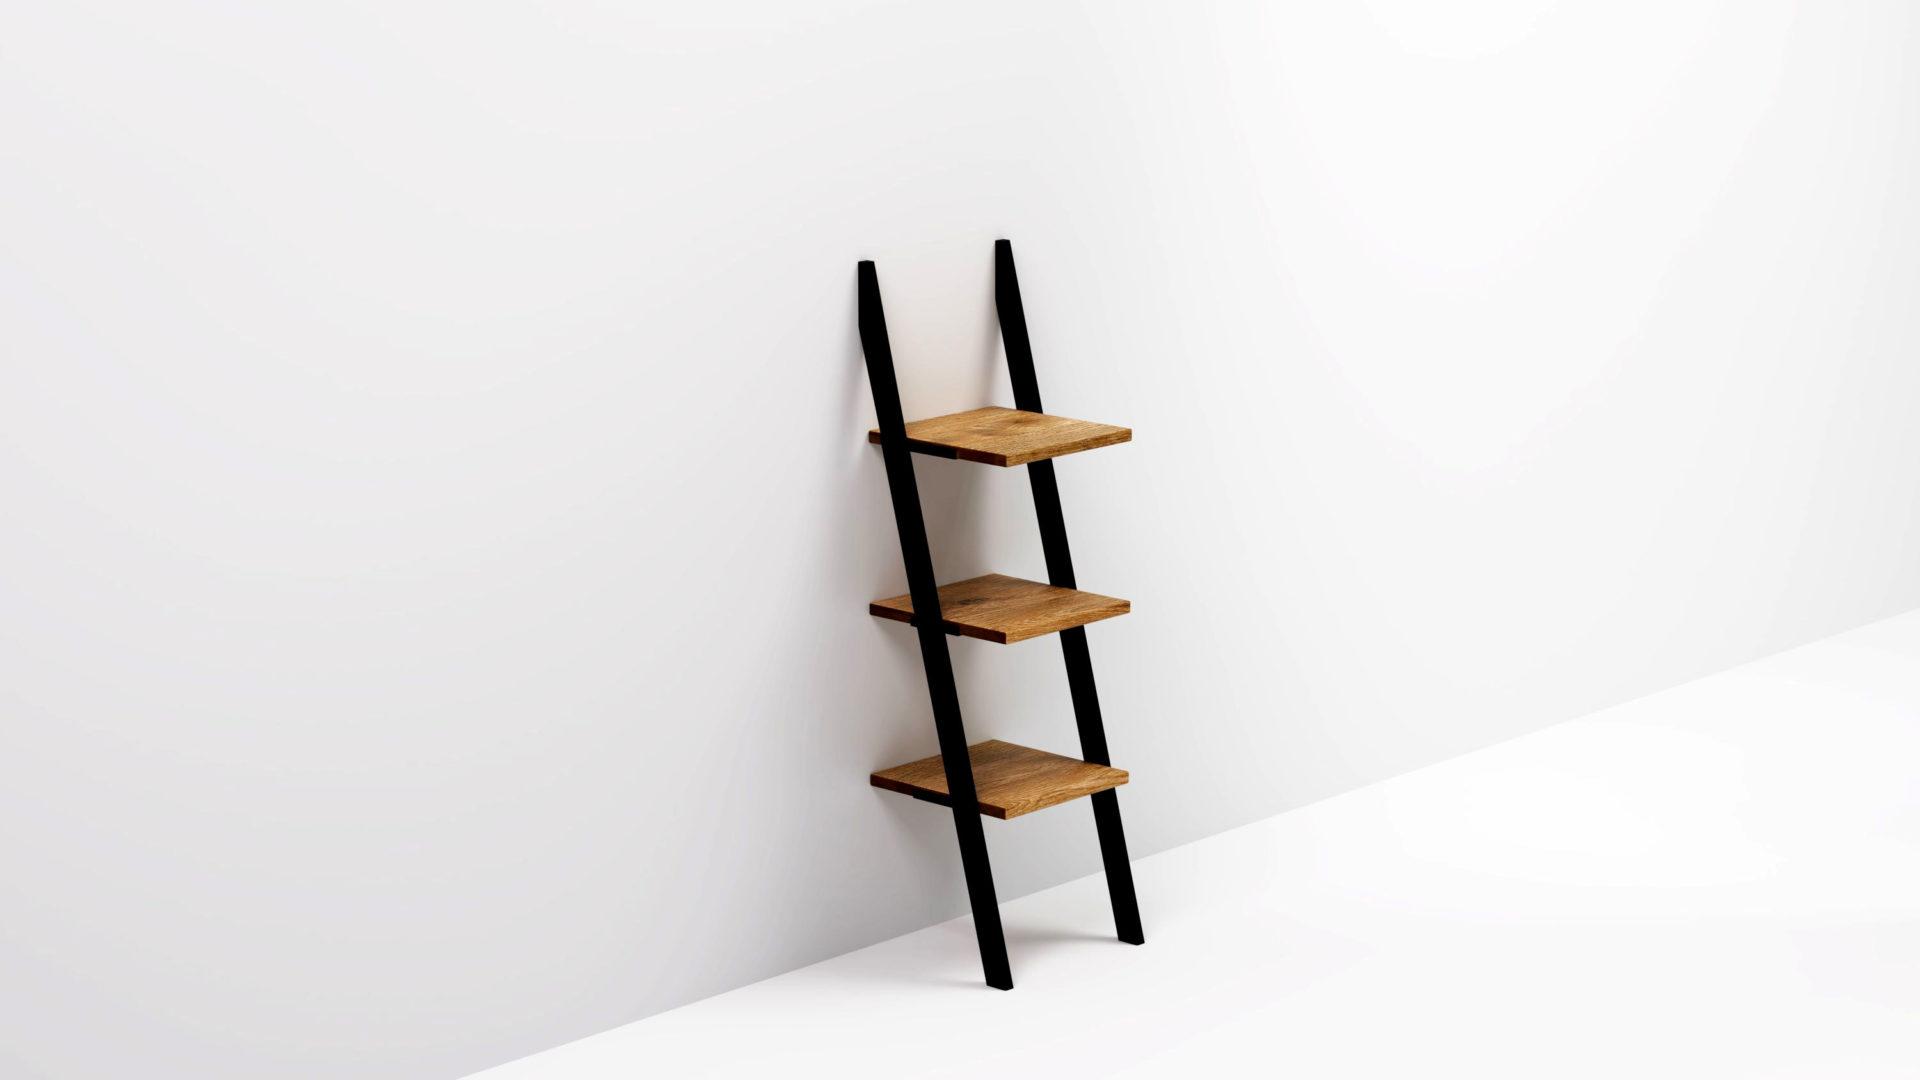 Mała półka NANI Black to uniwersalne zastosowanie i uniwersalny design. Niewielkie wymiary i ażurowa, niewymagająca montażu konstrukcja.